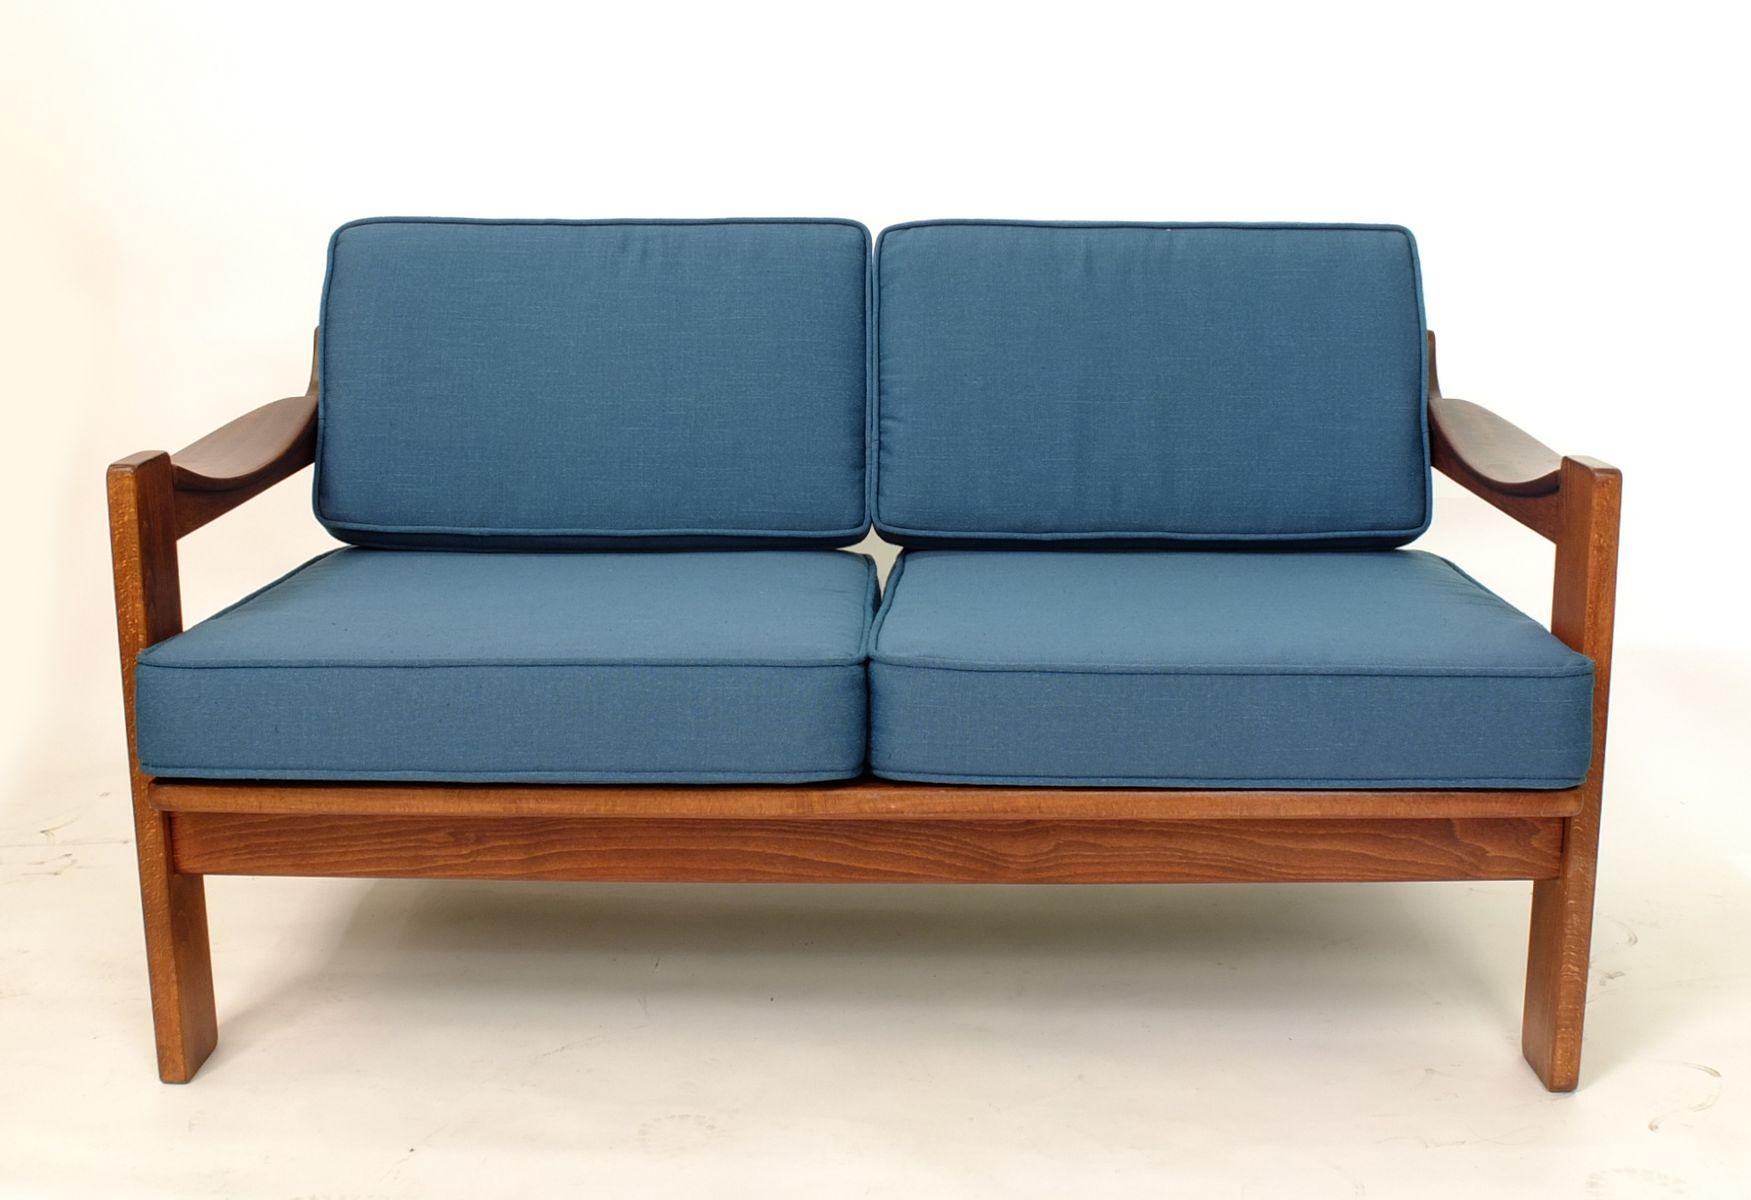 blaues zwei sitzer sofa von ag barcelona bei pamono kaufen. Black Bedroom Furniture Sets. Home Design Ideas